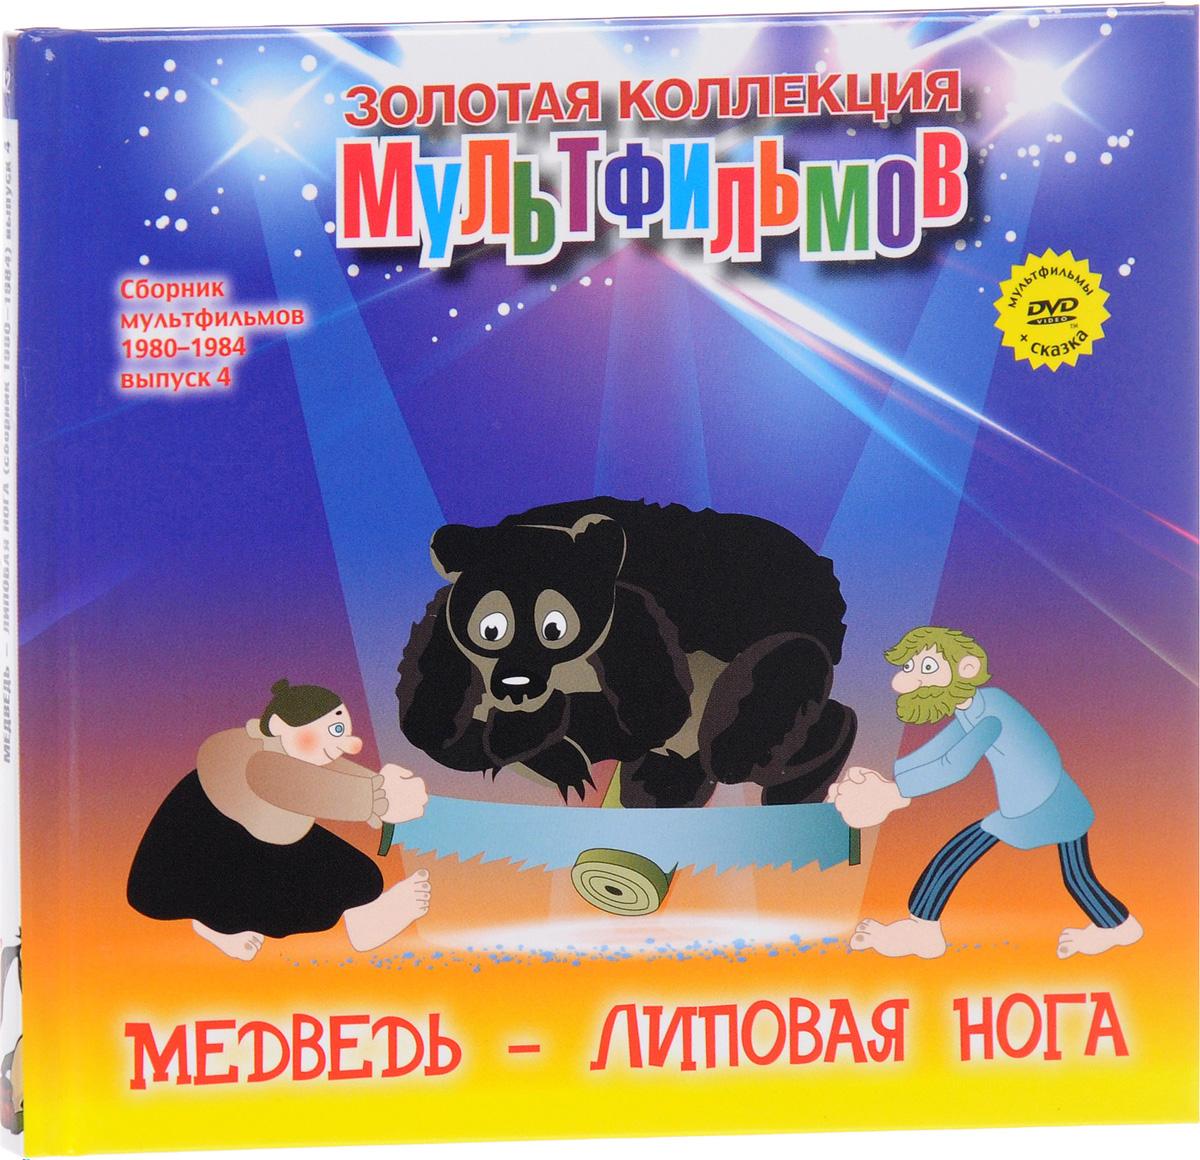 Золотая коллекция мультфильмов, Том 42, Медведь липовая нога